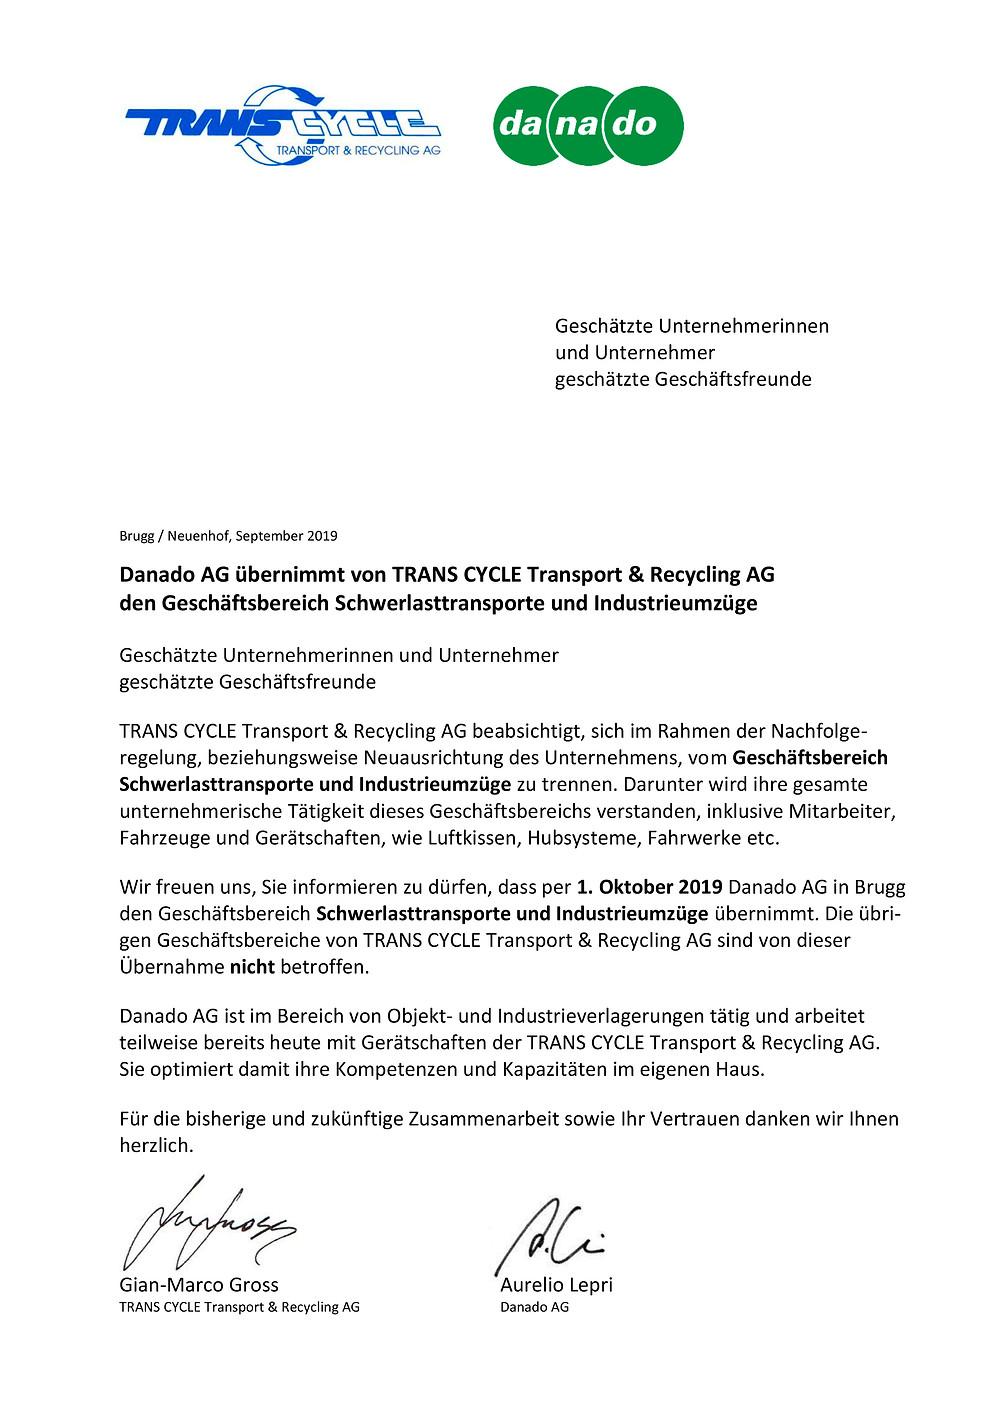 Übernahme Transcycle Schwerlasttransporte Industrieumzüge